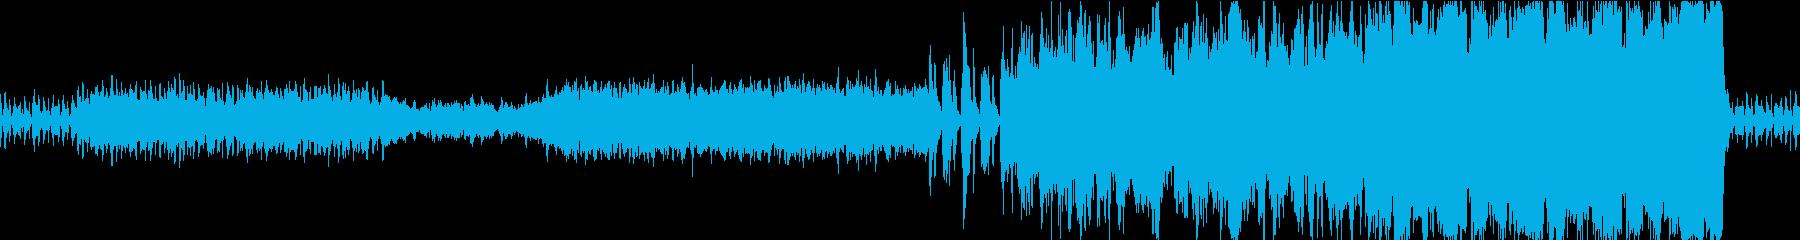 オーケストラ マイナー調の行進曲風ループの再生済みの波形